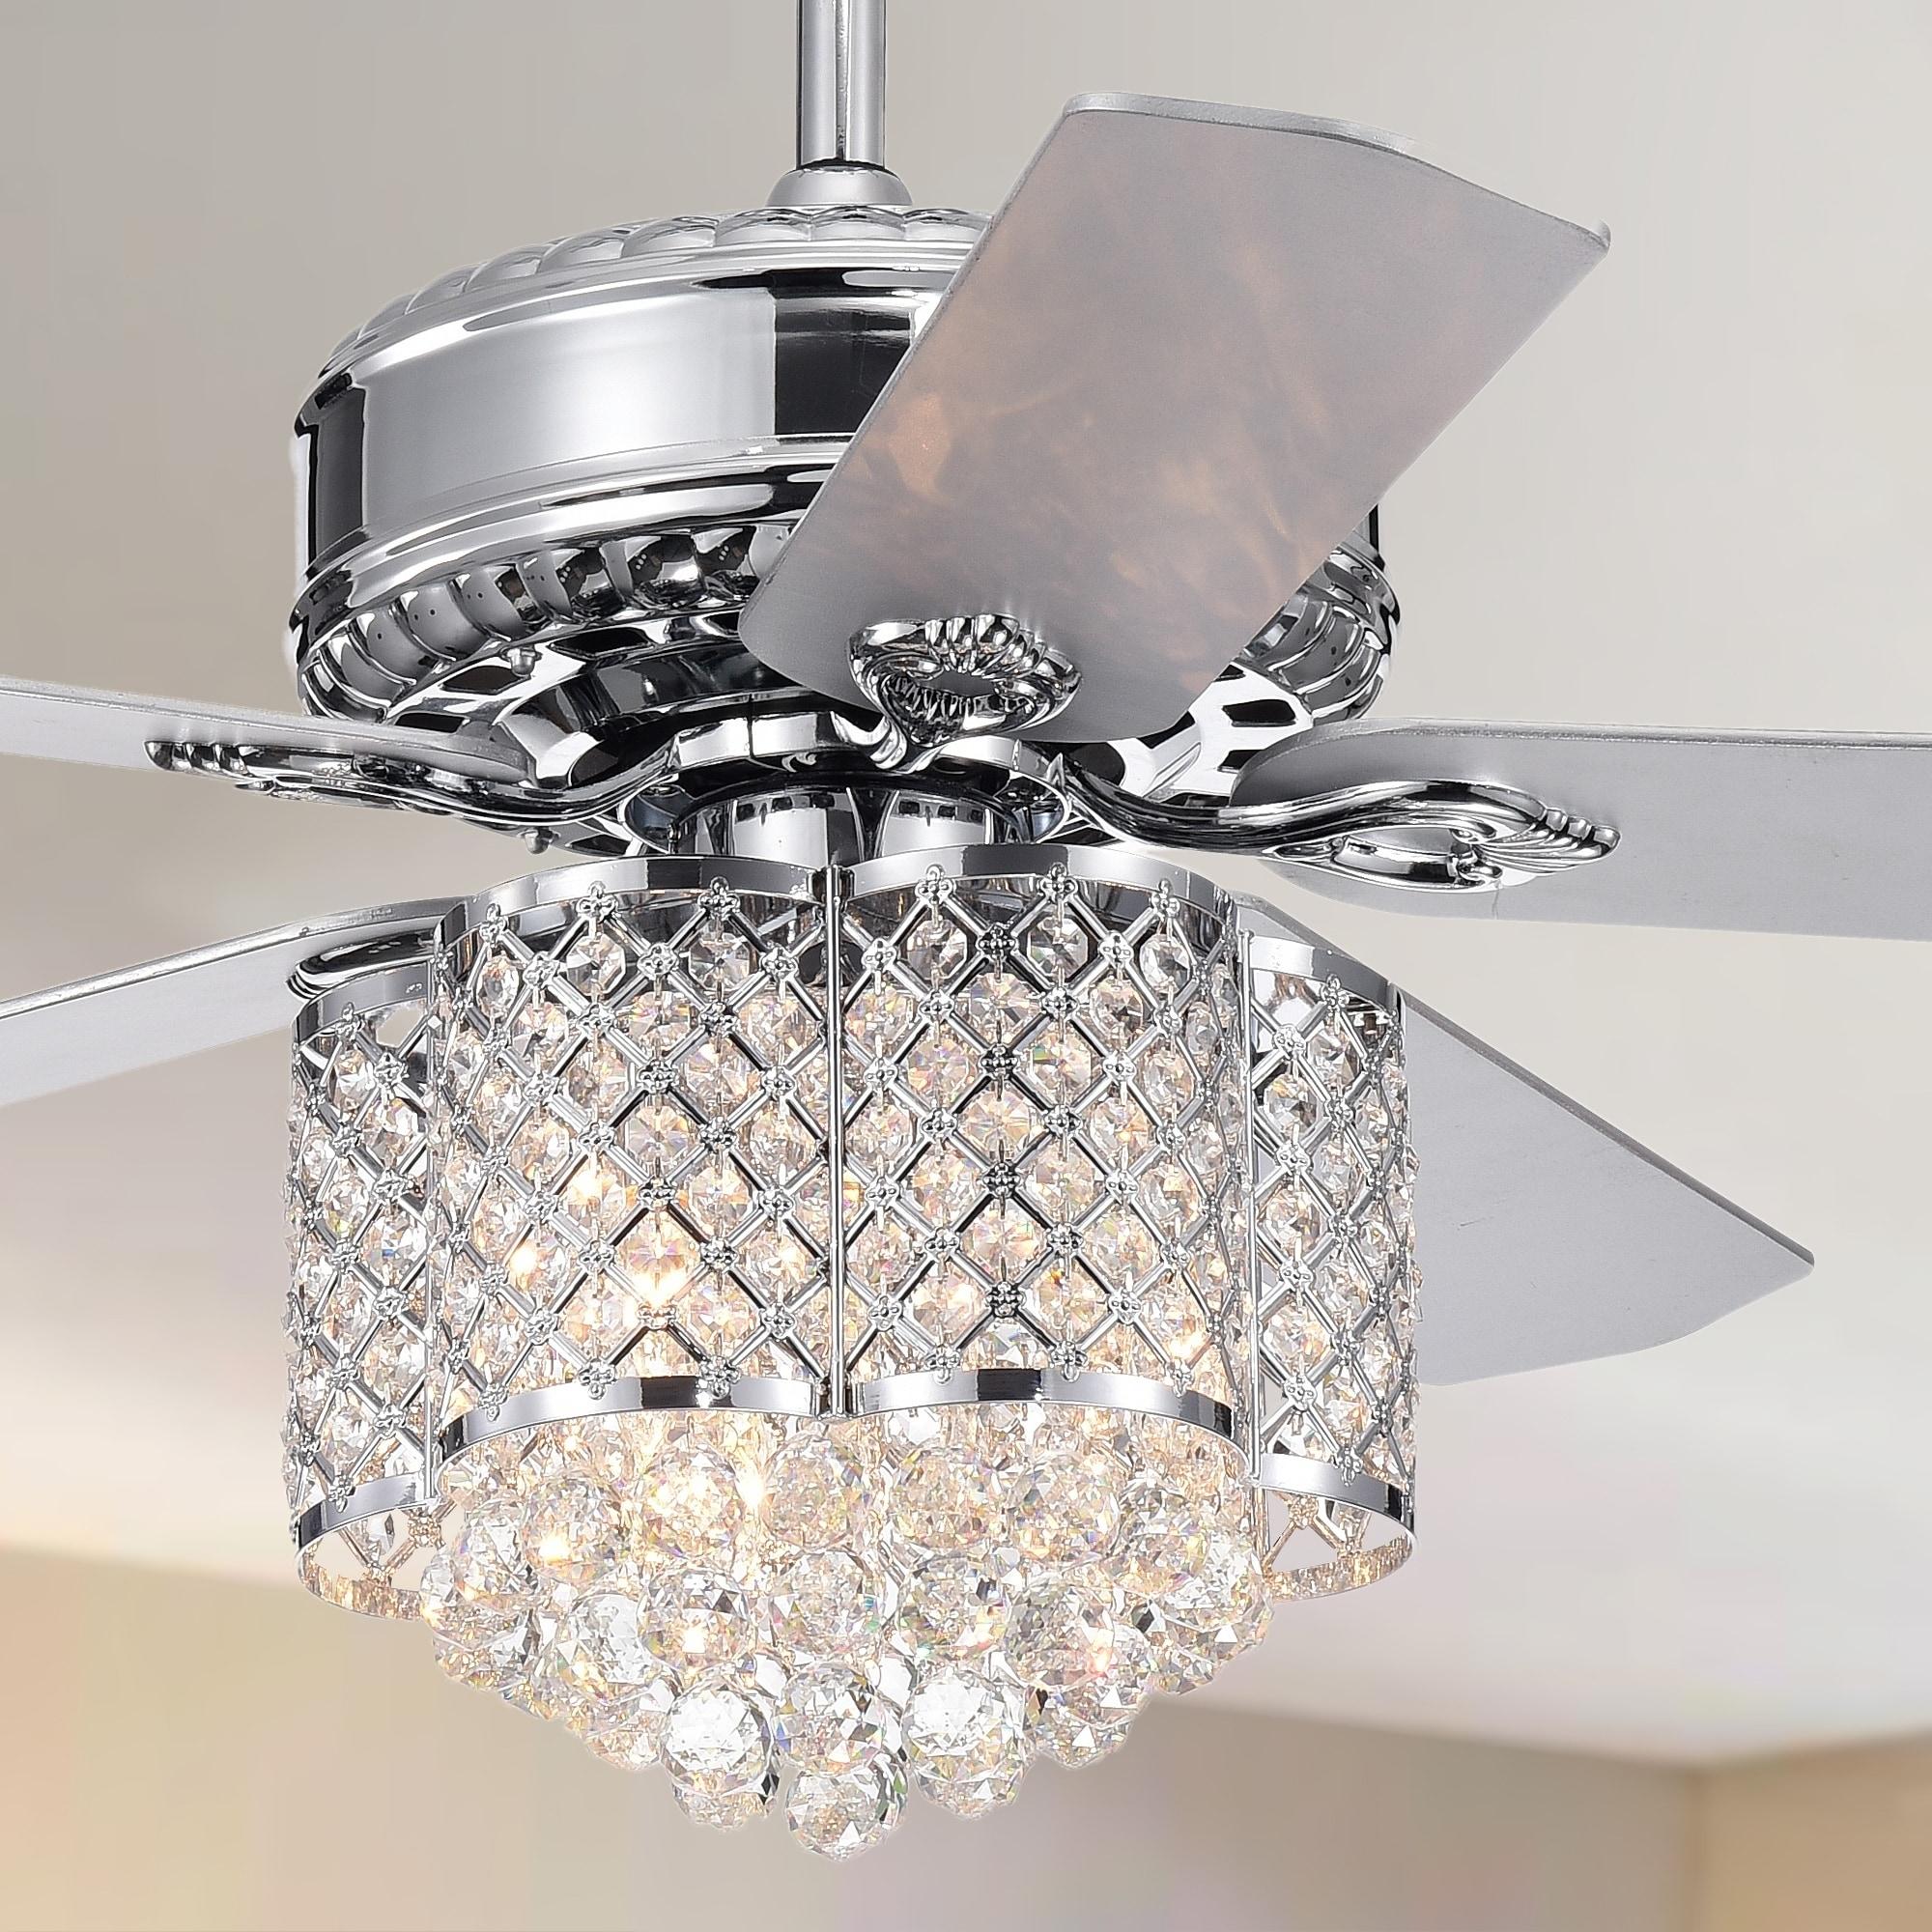 Shop Deidor 5 blade 52 inch Chrome Ceiling Fan